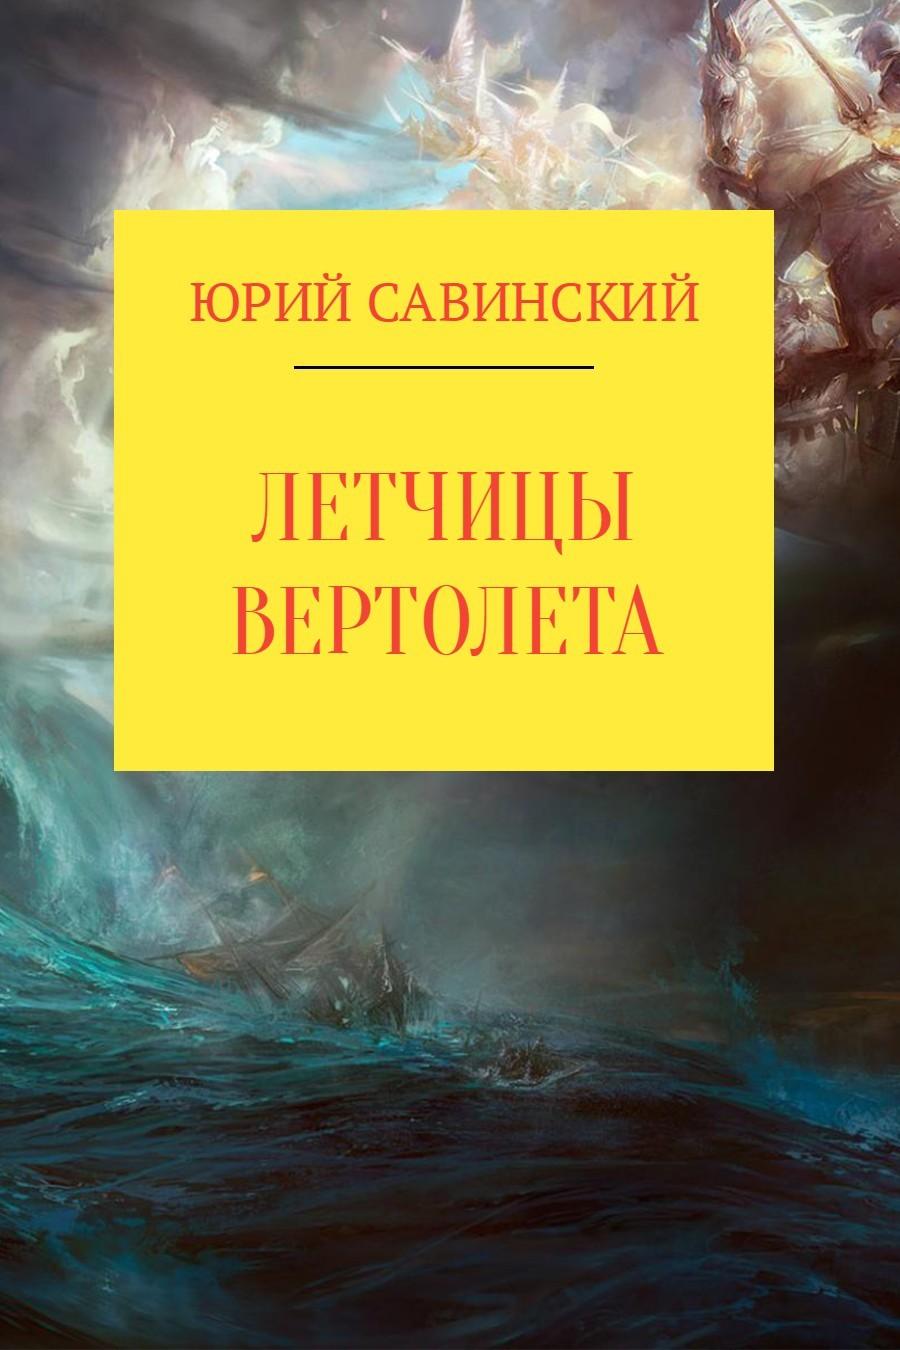 Летчицы Вертолета ( Юрий Эзекейлевич Савинский  )